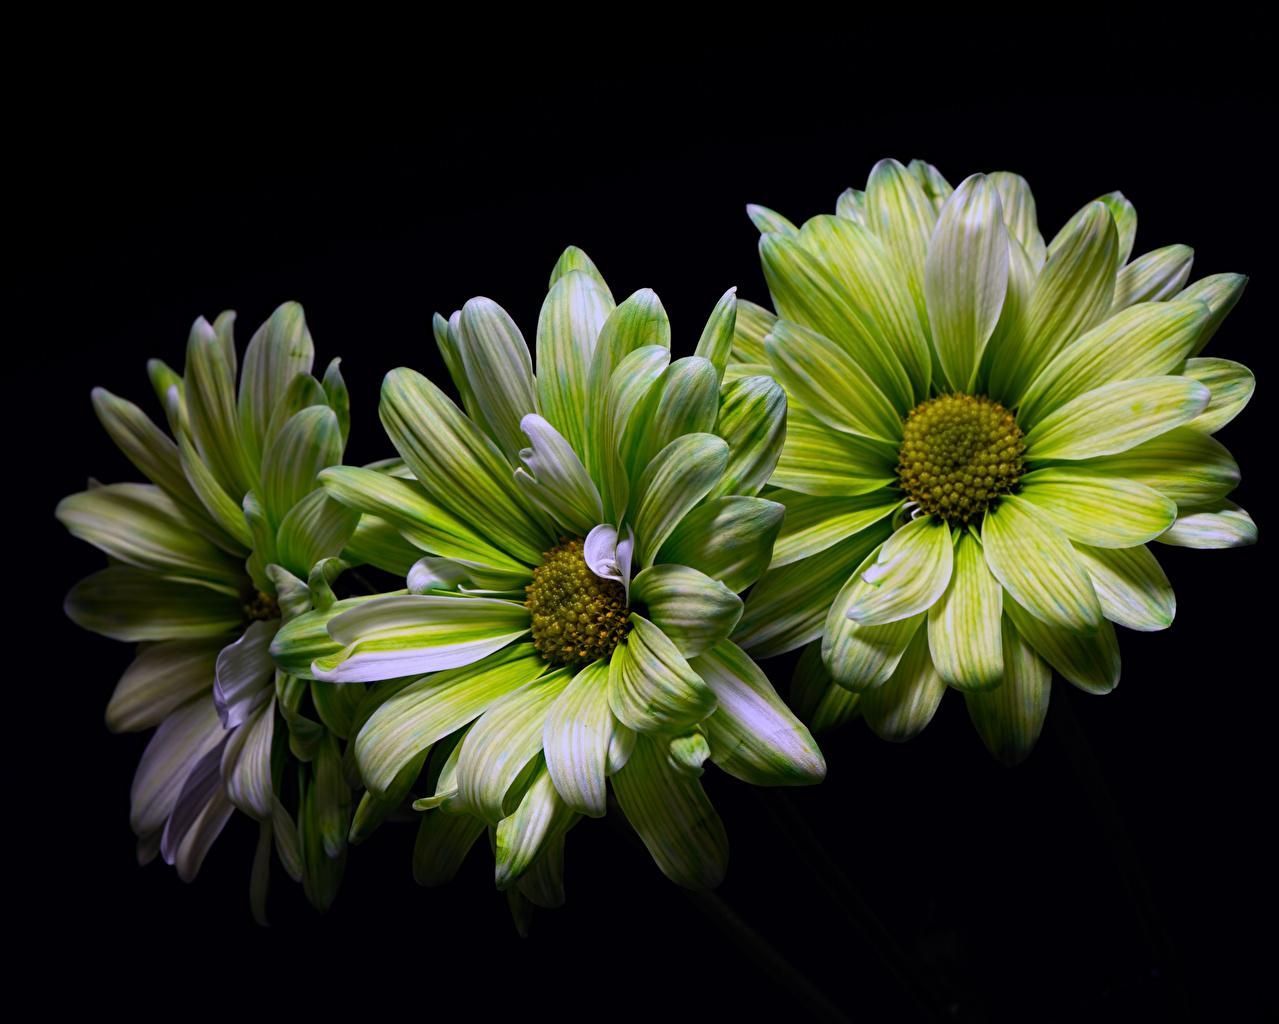 Фото зеленая Цветы Хризантемы Трое 3 на черном фоне Крупным планом Зеленый зеленые зеленых цветок три втроем вблизи Черный фон